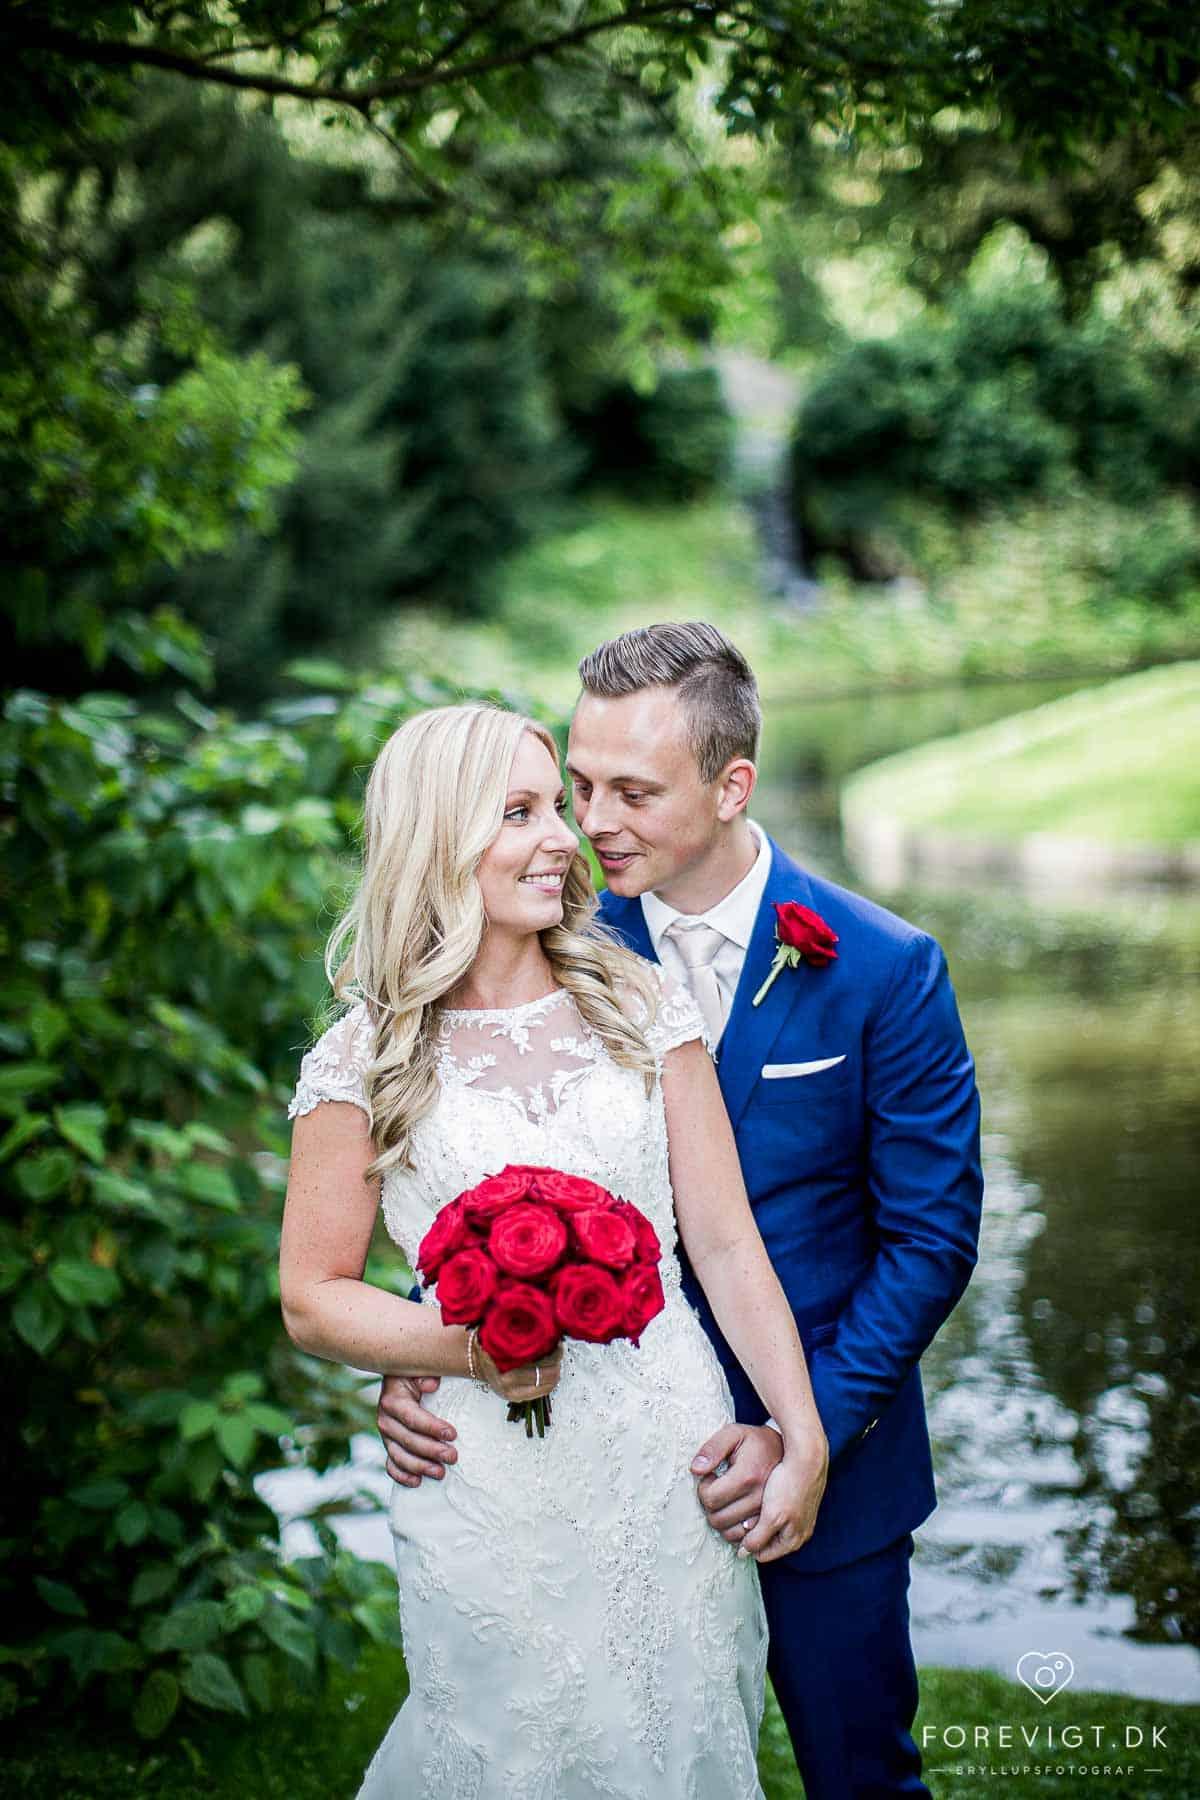 Billeder af josty bryllup